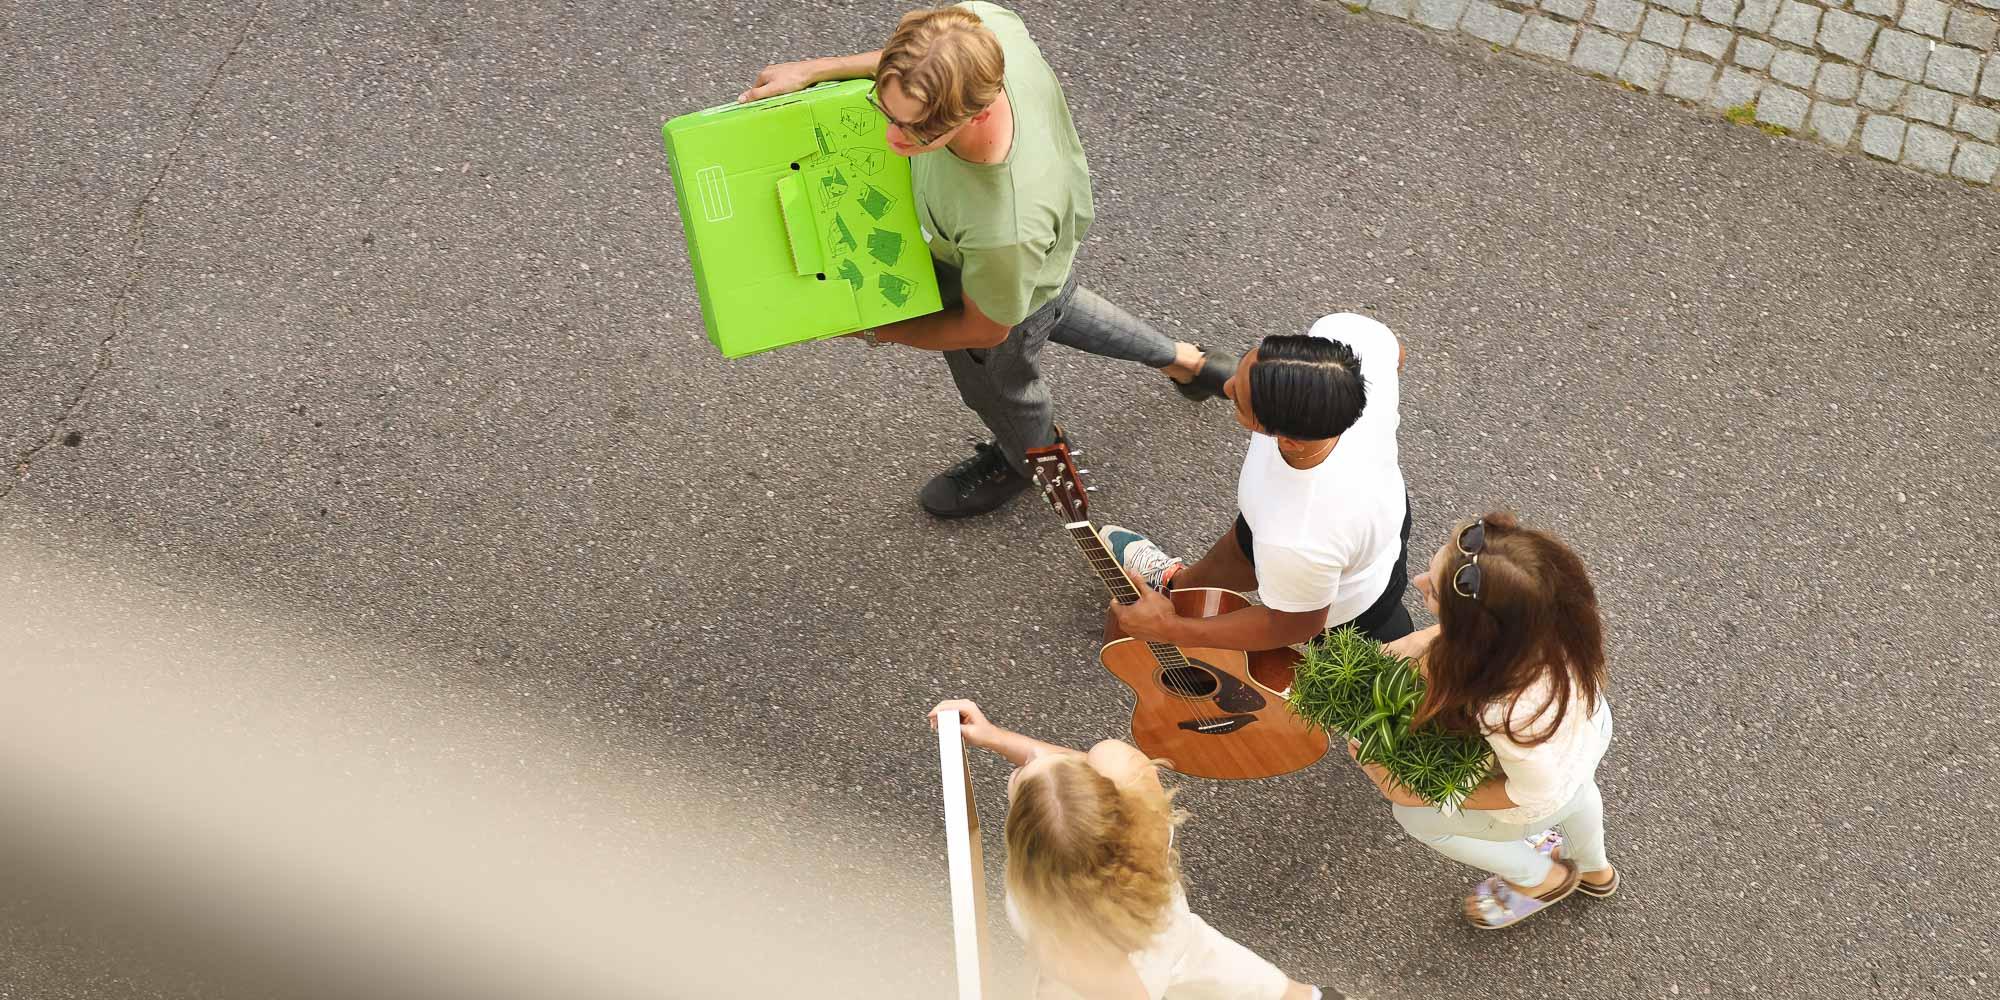 Opiskelijaporukka muuttopuuhissa, kuvituskuva.